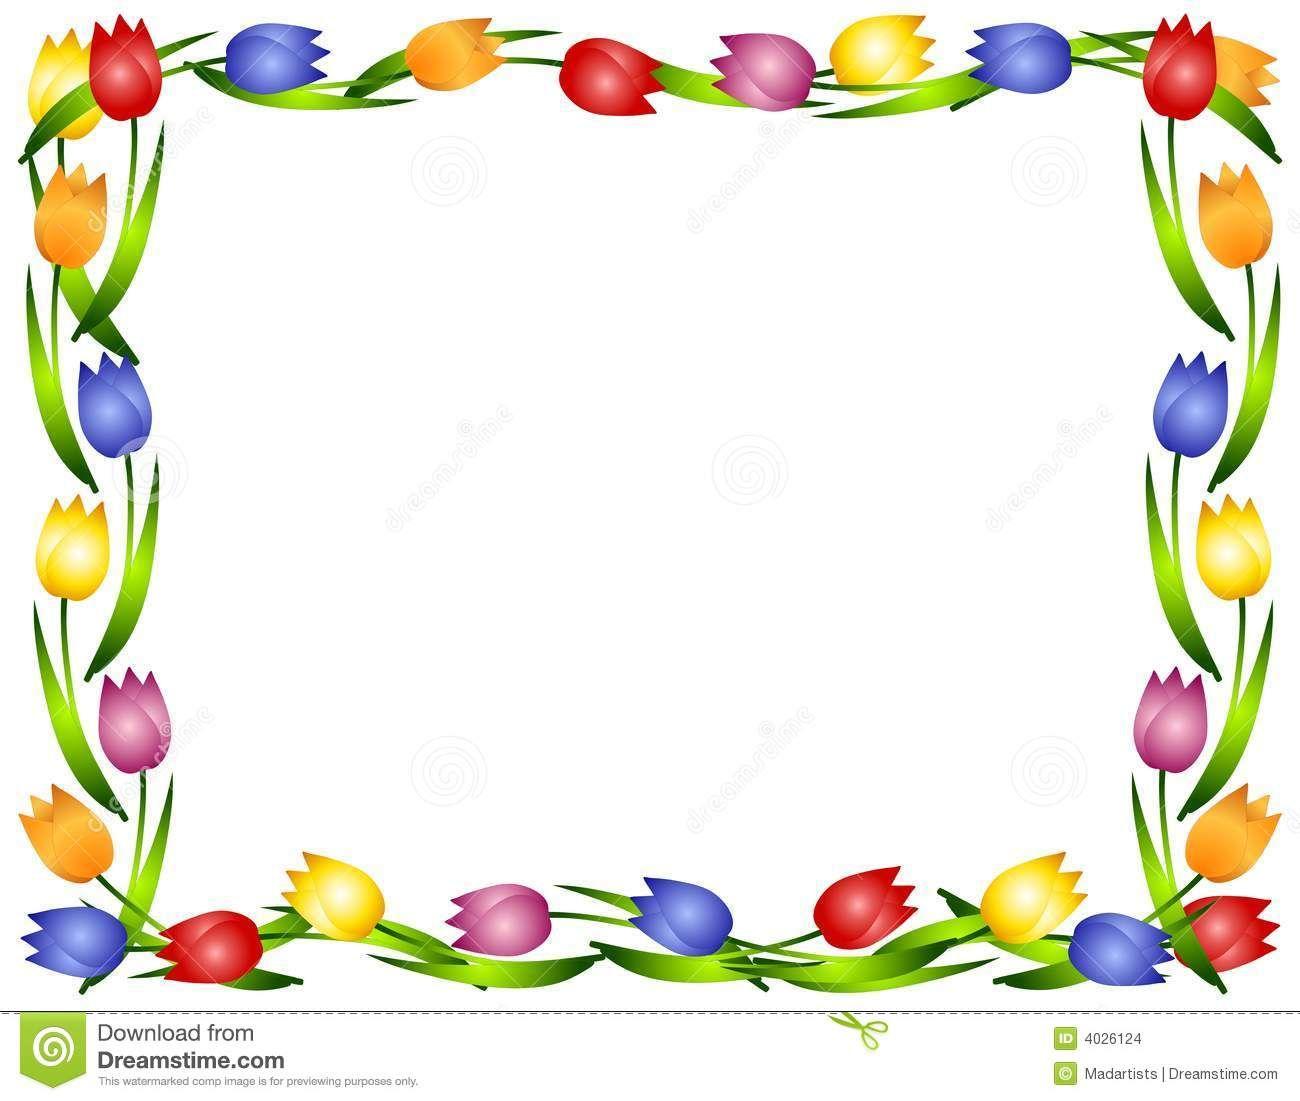 Flower+Border+Clip+Art.